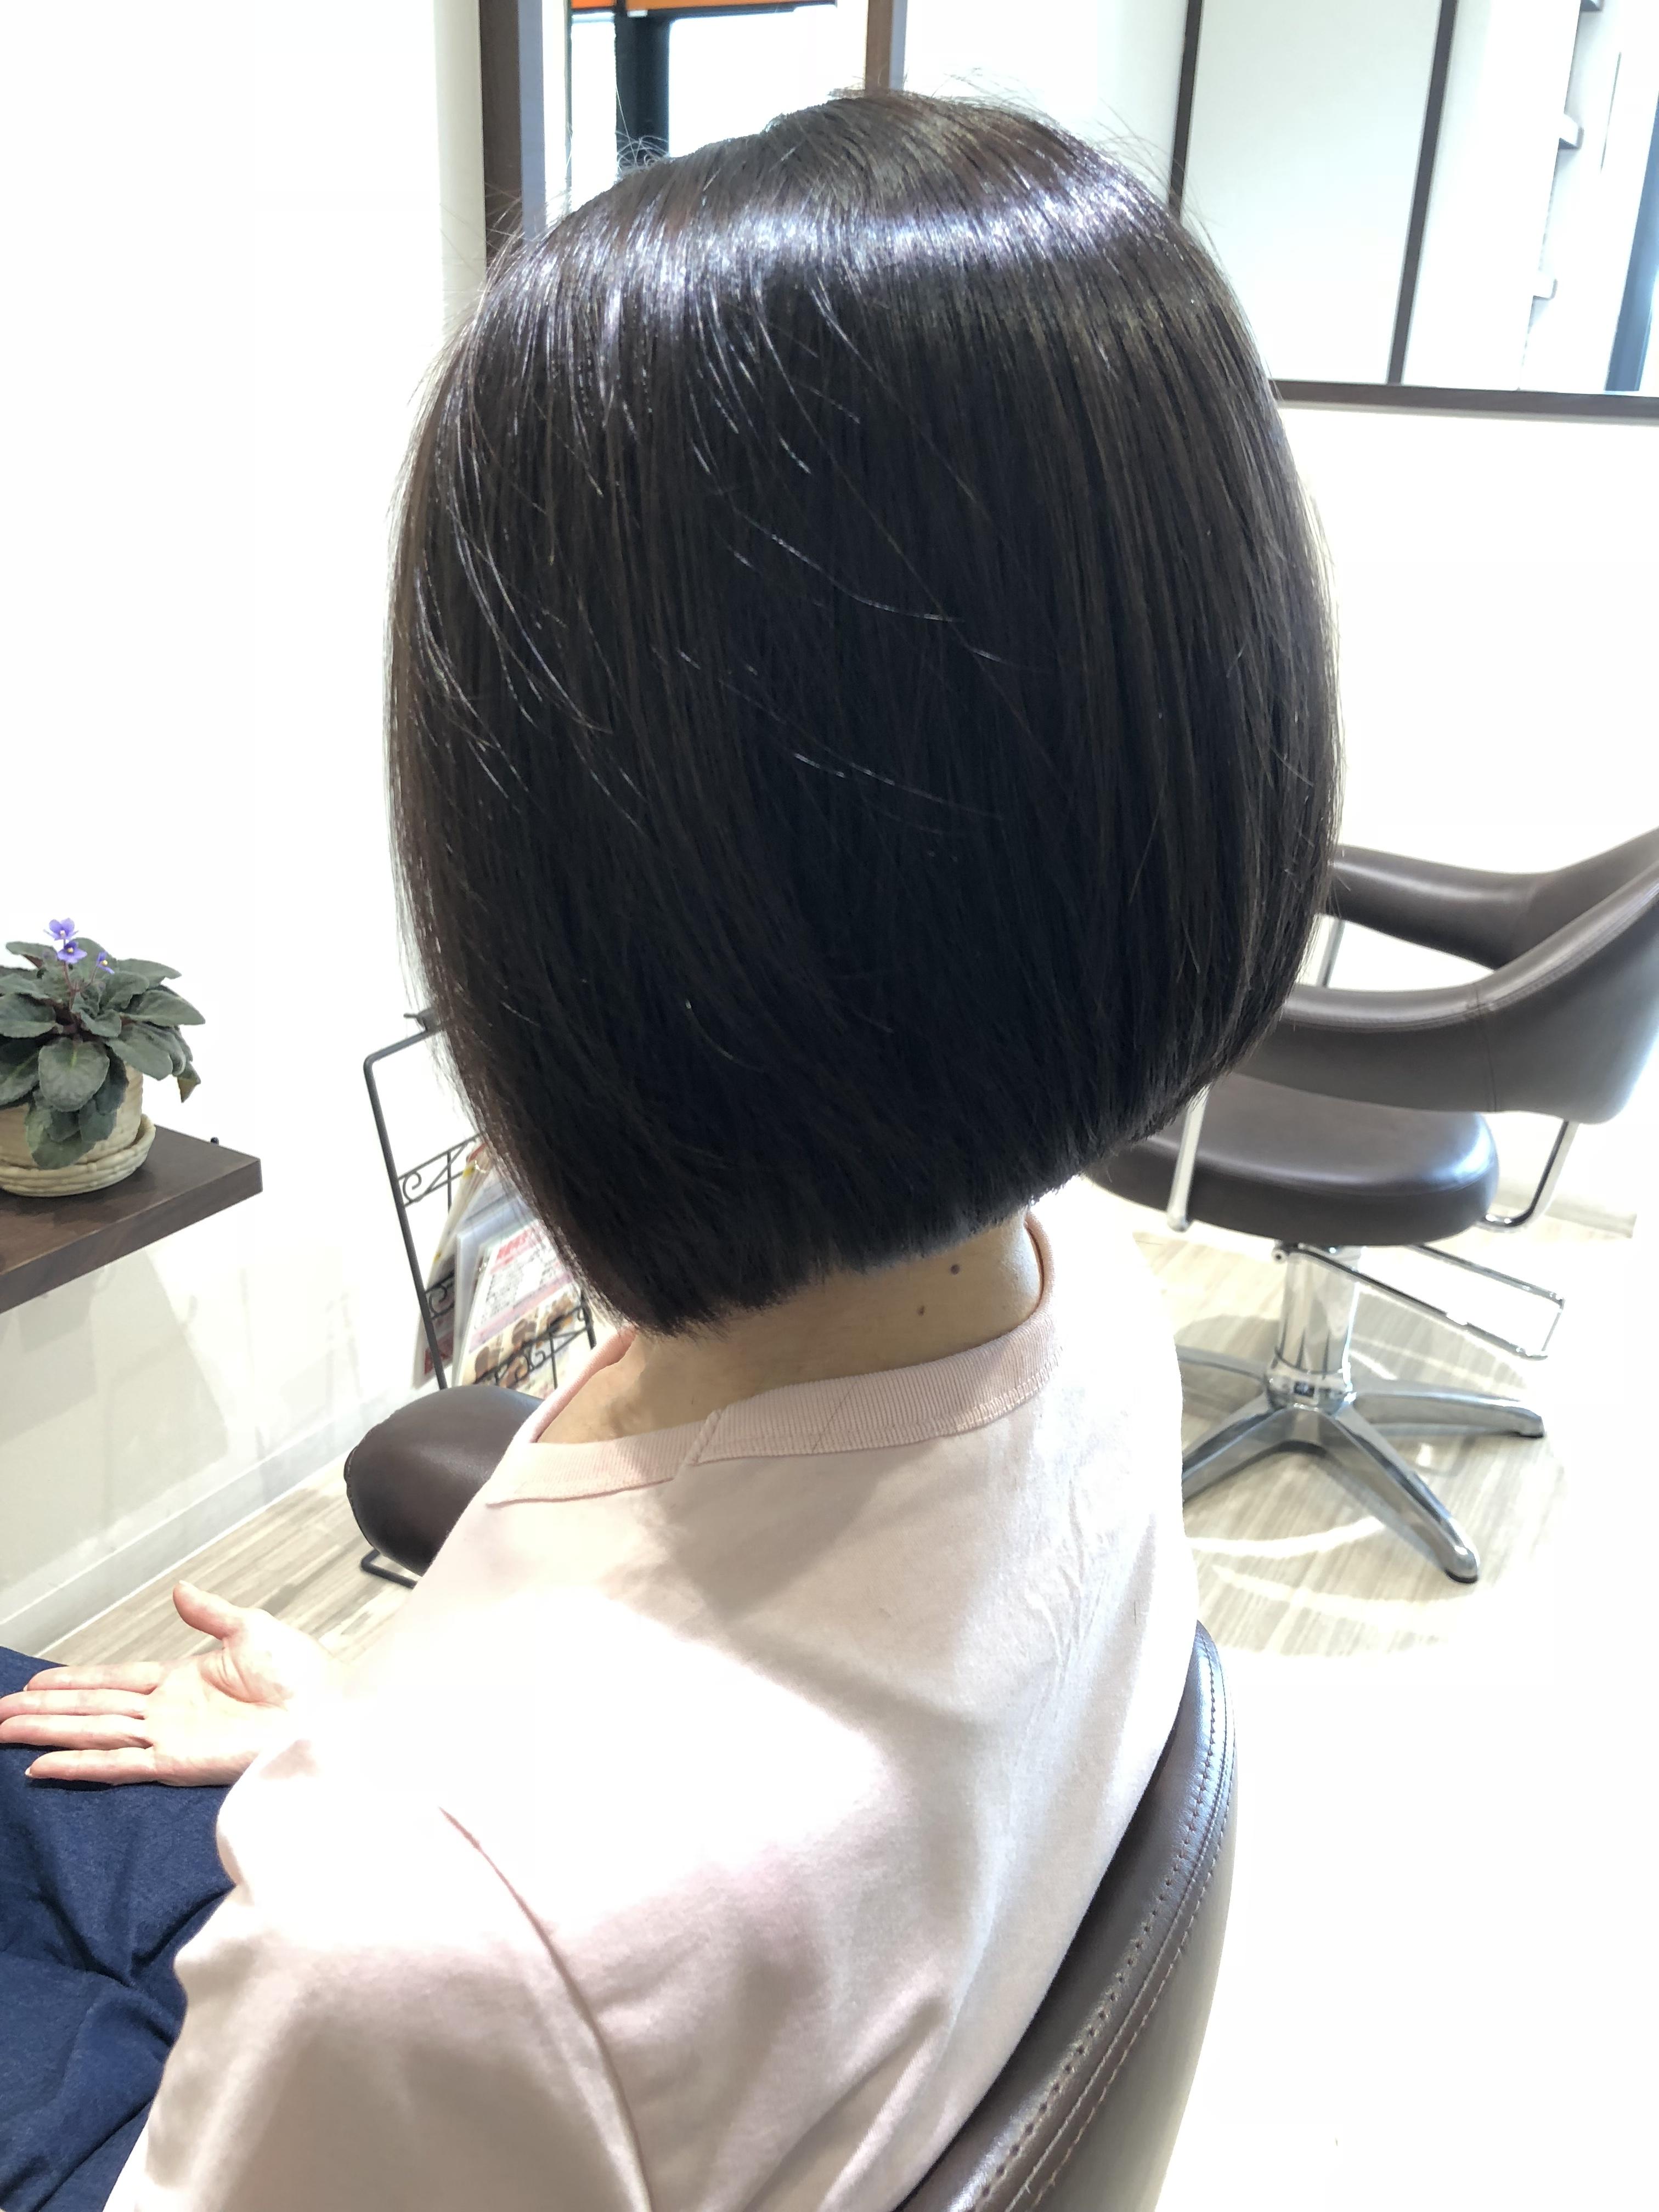 直毛も まっすぐなくせ毛と考える